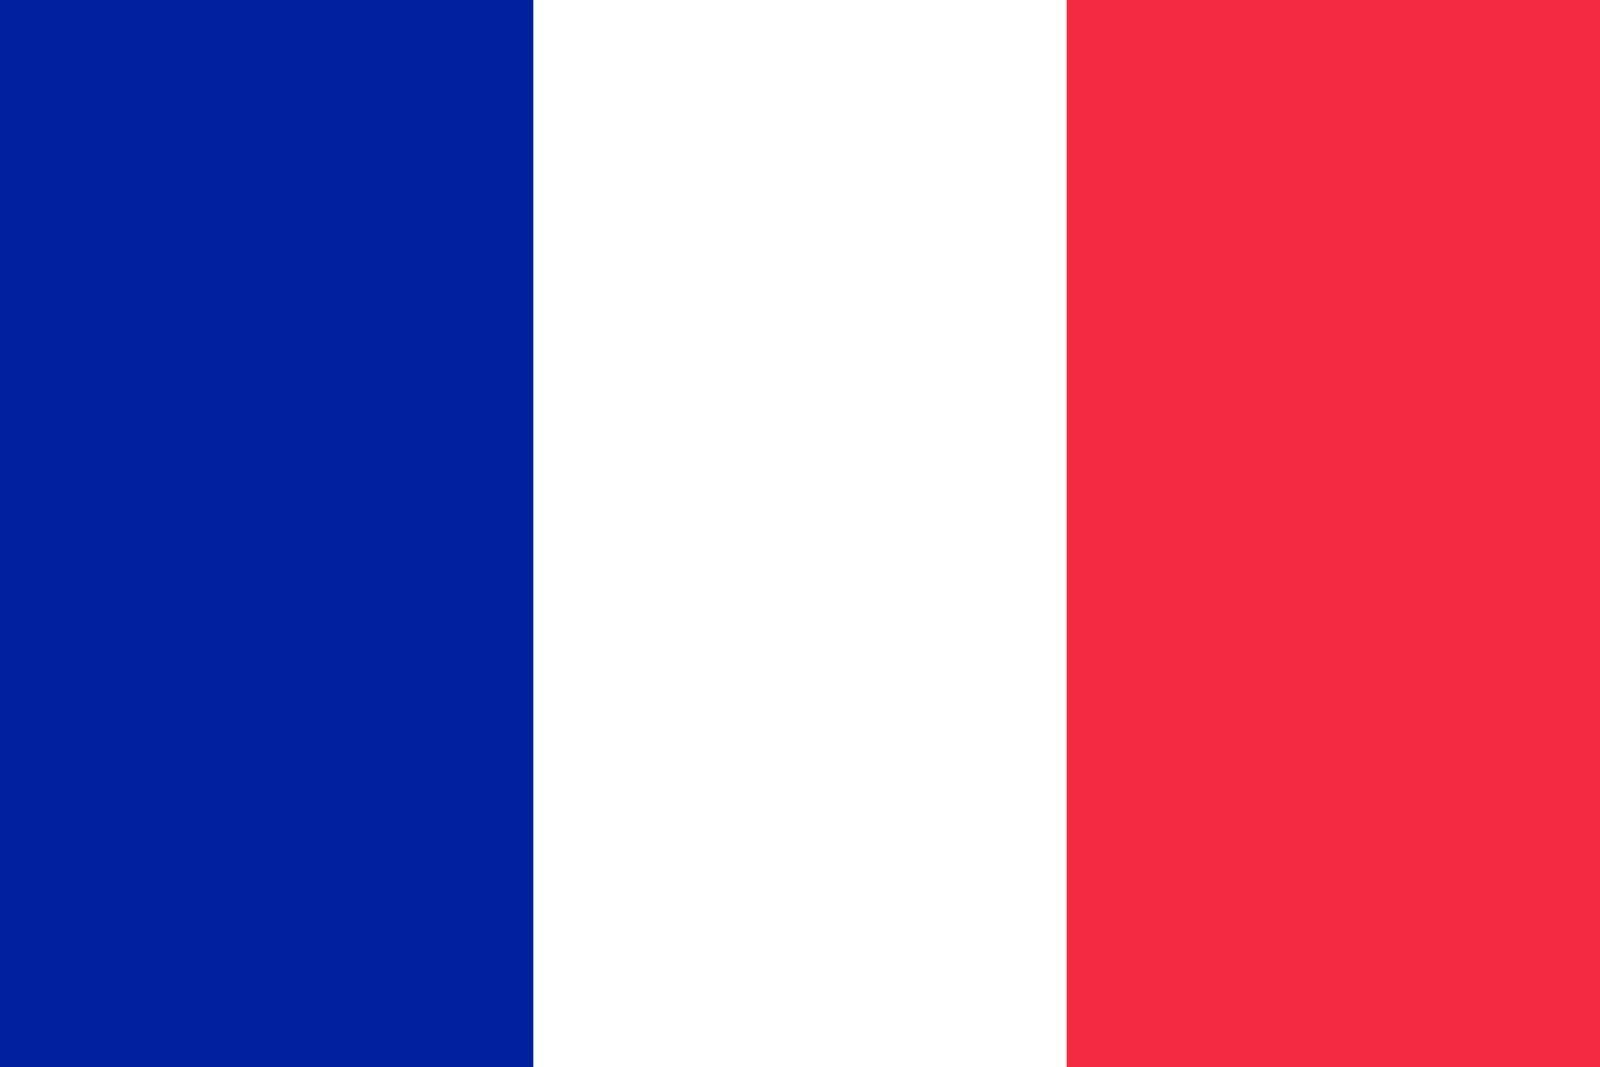 El actual presidente de Francia se llama...